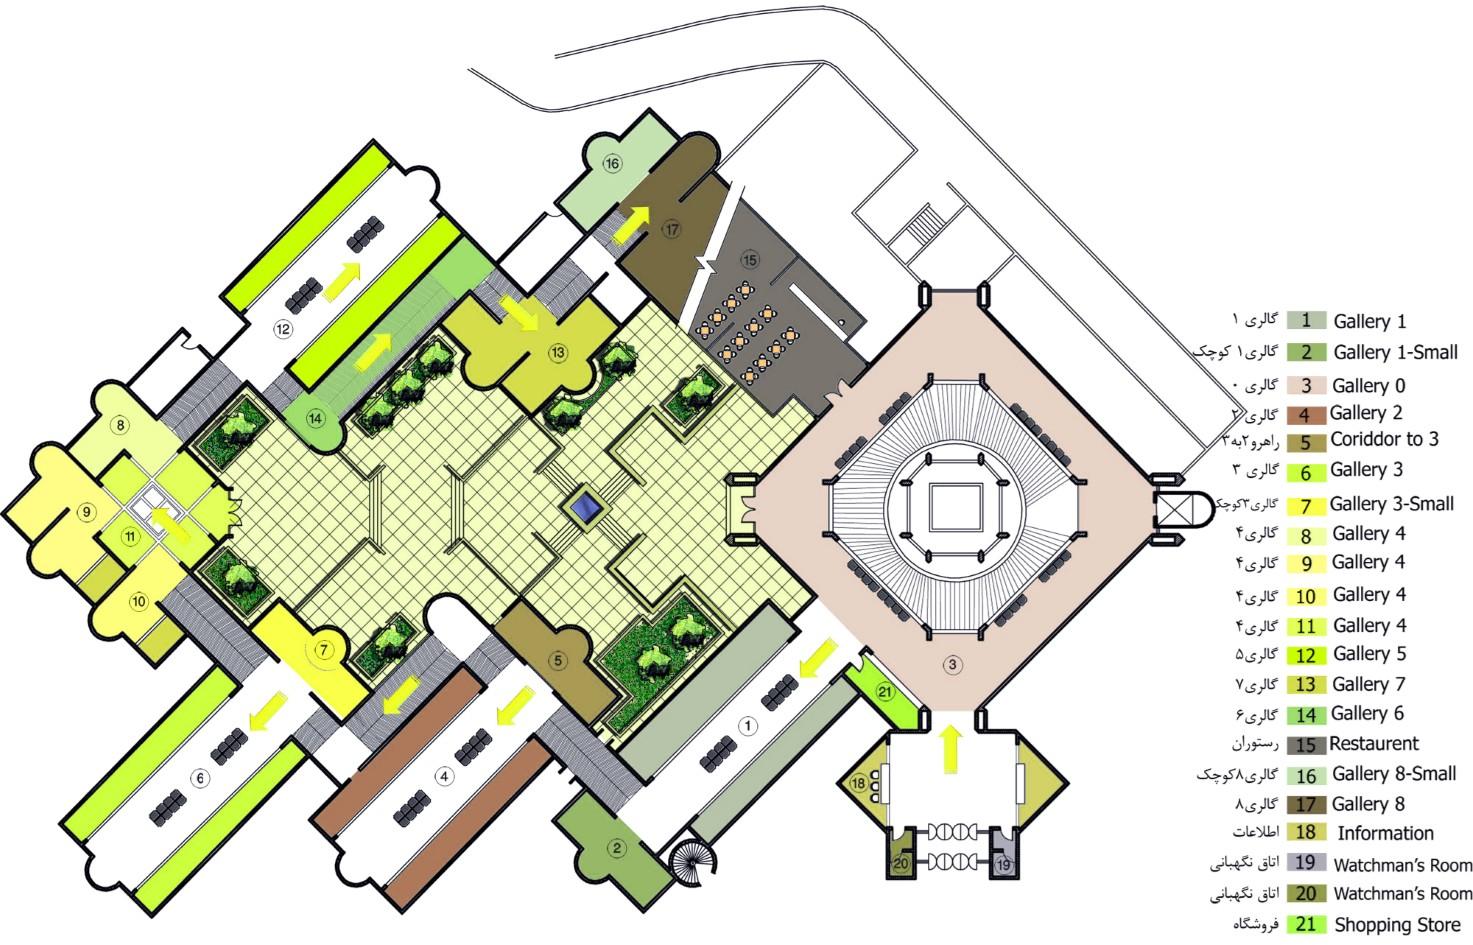 پلان طبقه همکف موزه هنرهای معاصر تهران,نقشه موزه هنرهای معاصر تهران